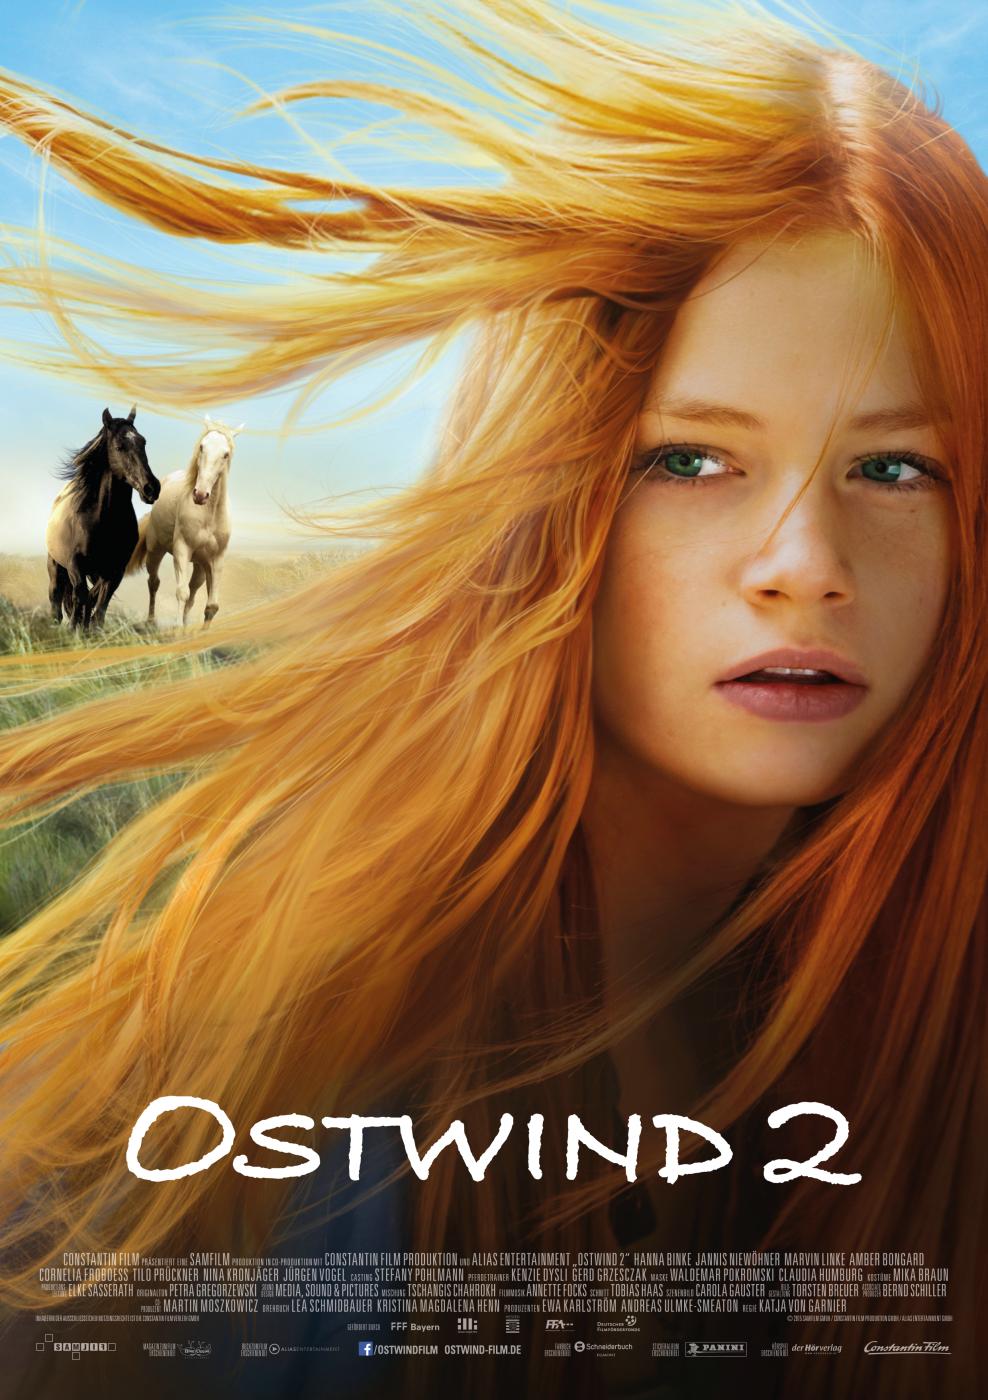 Ostwind 2 Ganzer Film Kinox.To